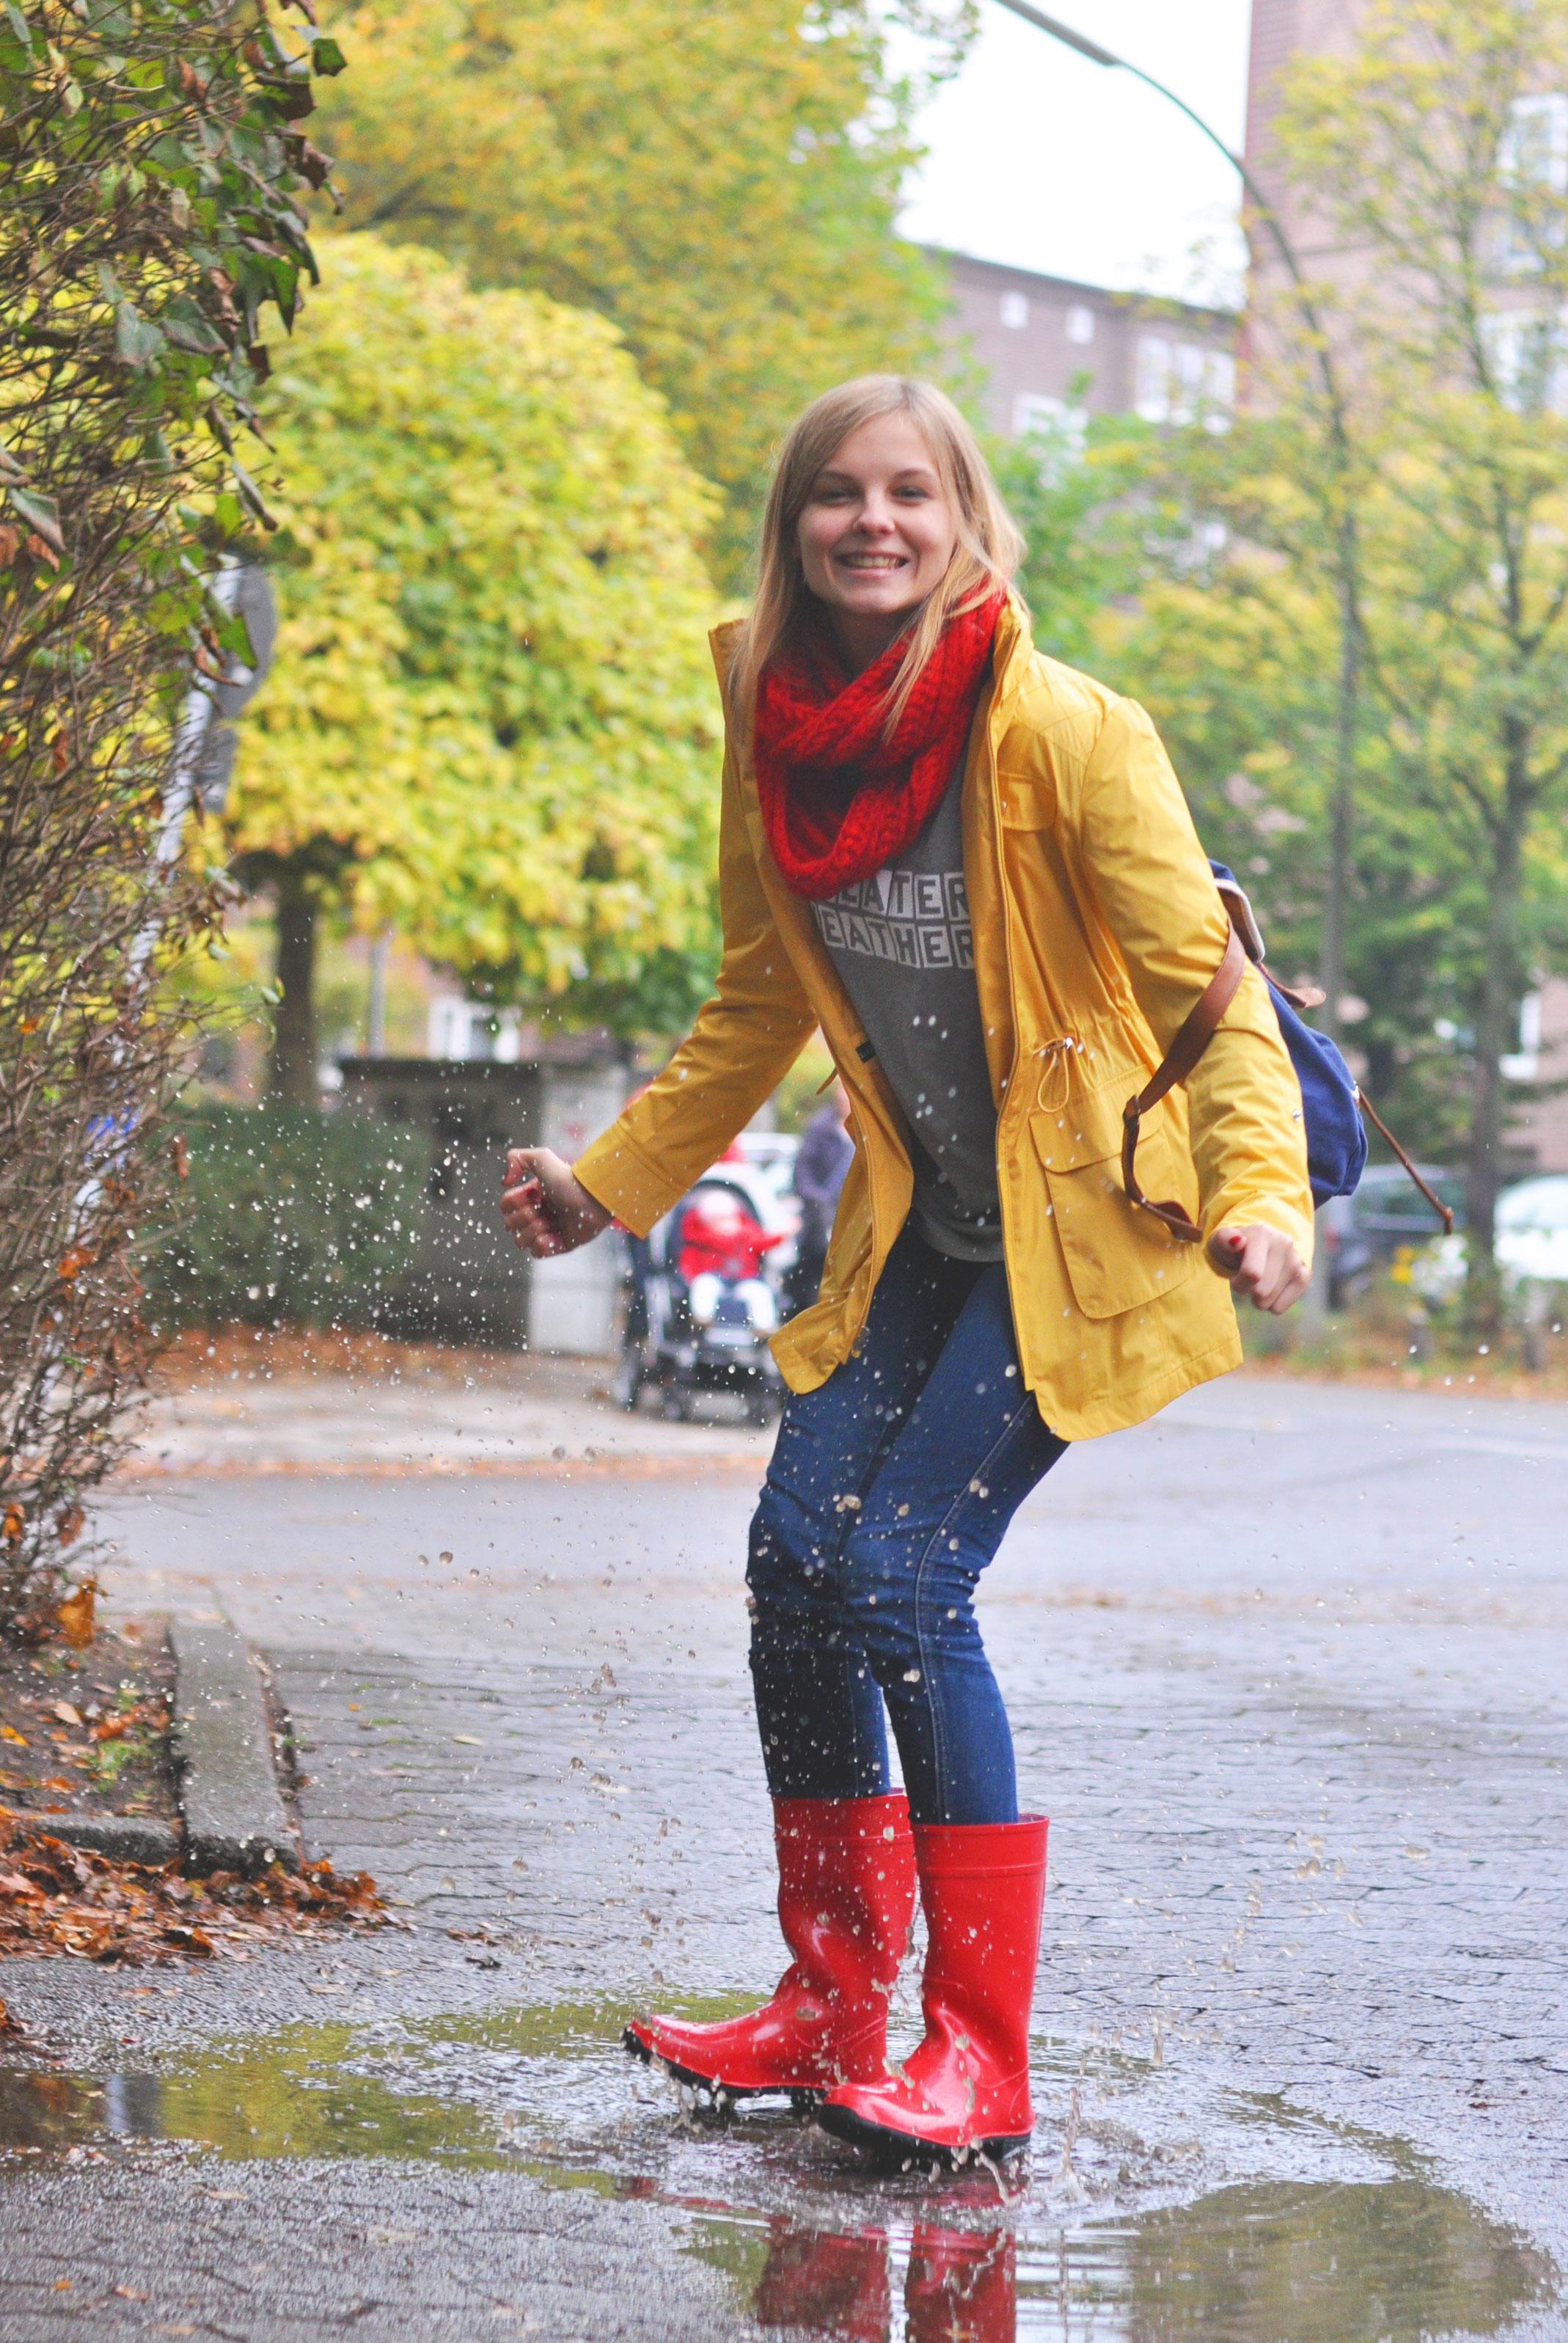 rote Gummistiefel gelbe Regenjacke